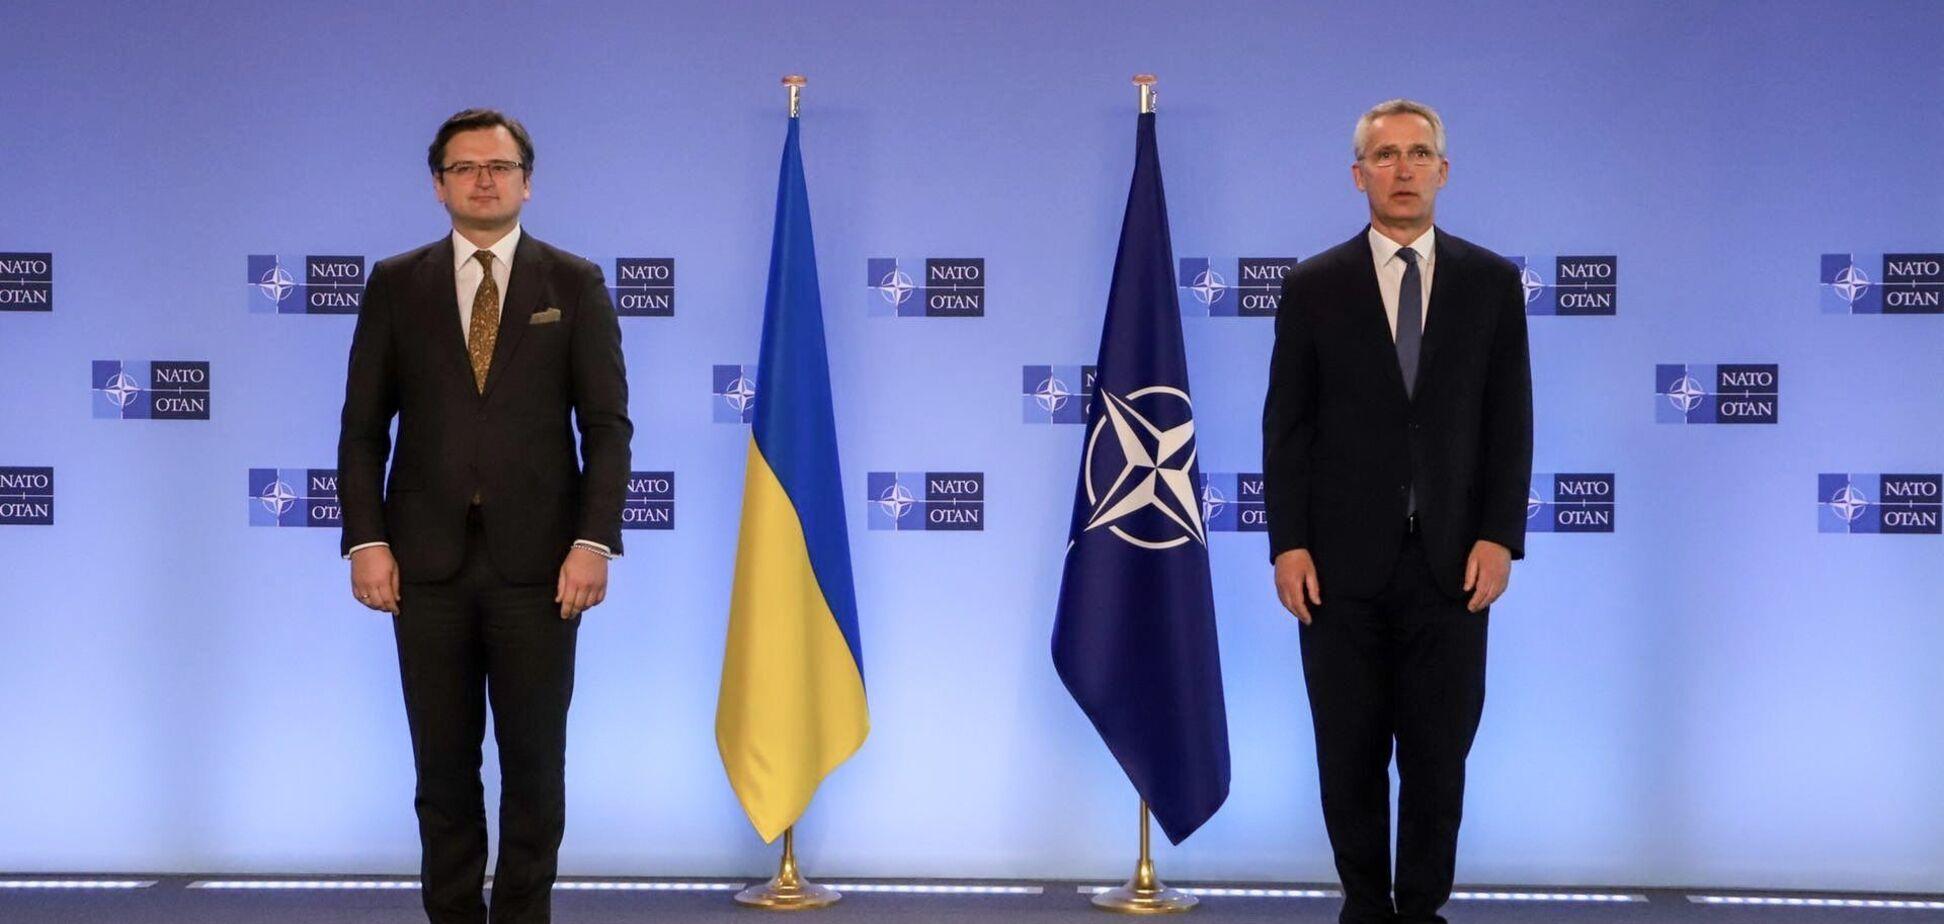 Кулеба на брифинге с генсеком НАТО: Украина никогда не станет частью 'русского мира'